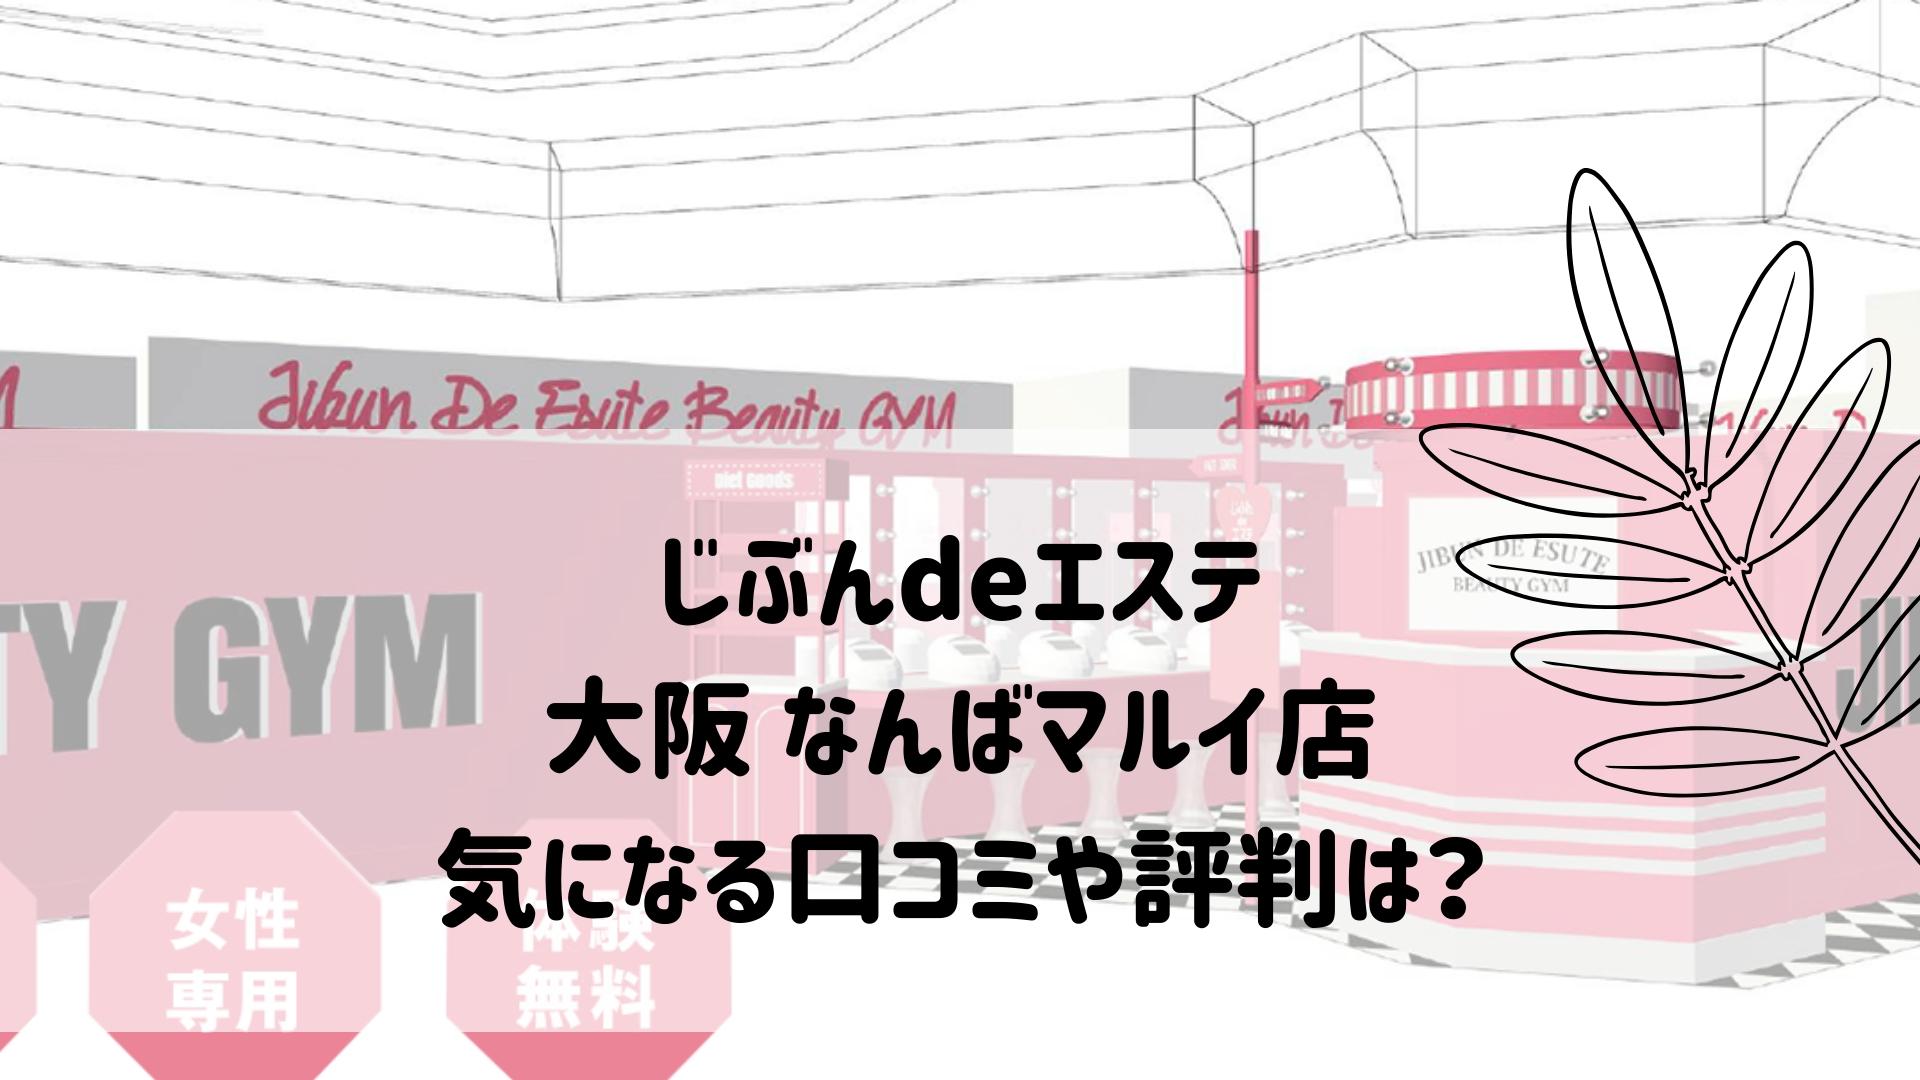 じぶんdeエステ 大阪 なんばマルイ店 気になる口コミや評判は?